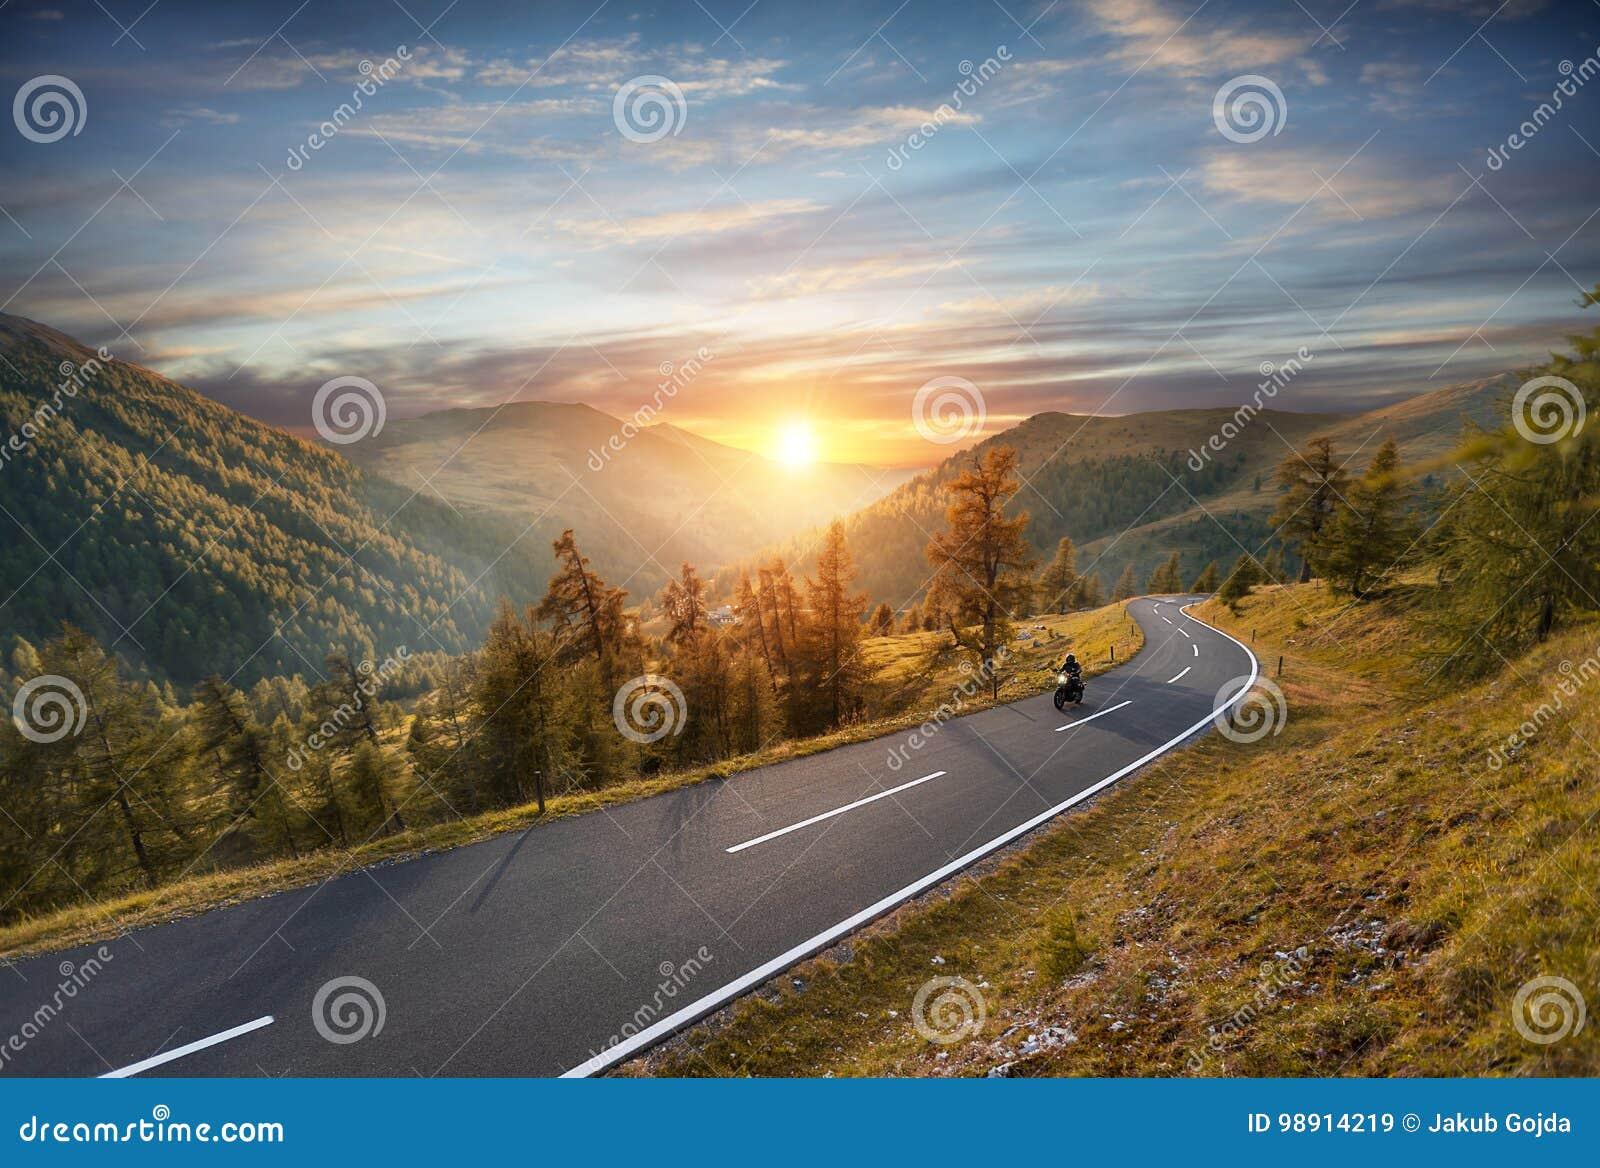 Οδήγηση οδηγών μοτοσικλετών στην αλπική εθνική οδό Υπαίθρια φωτογραφία,